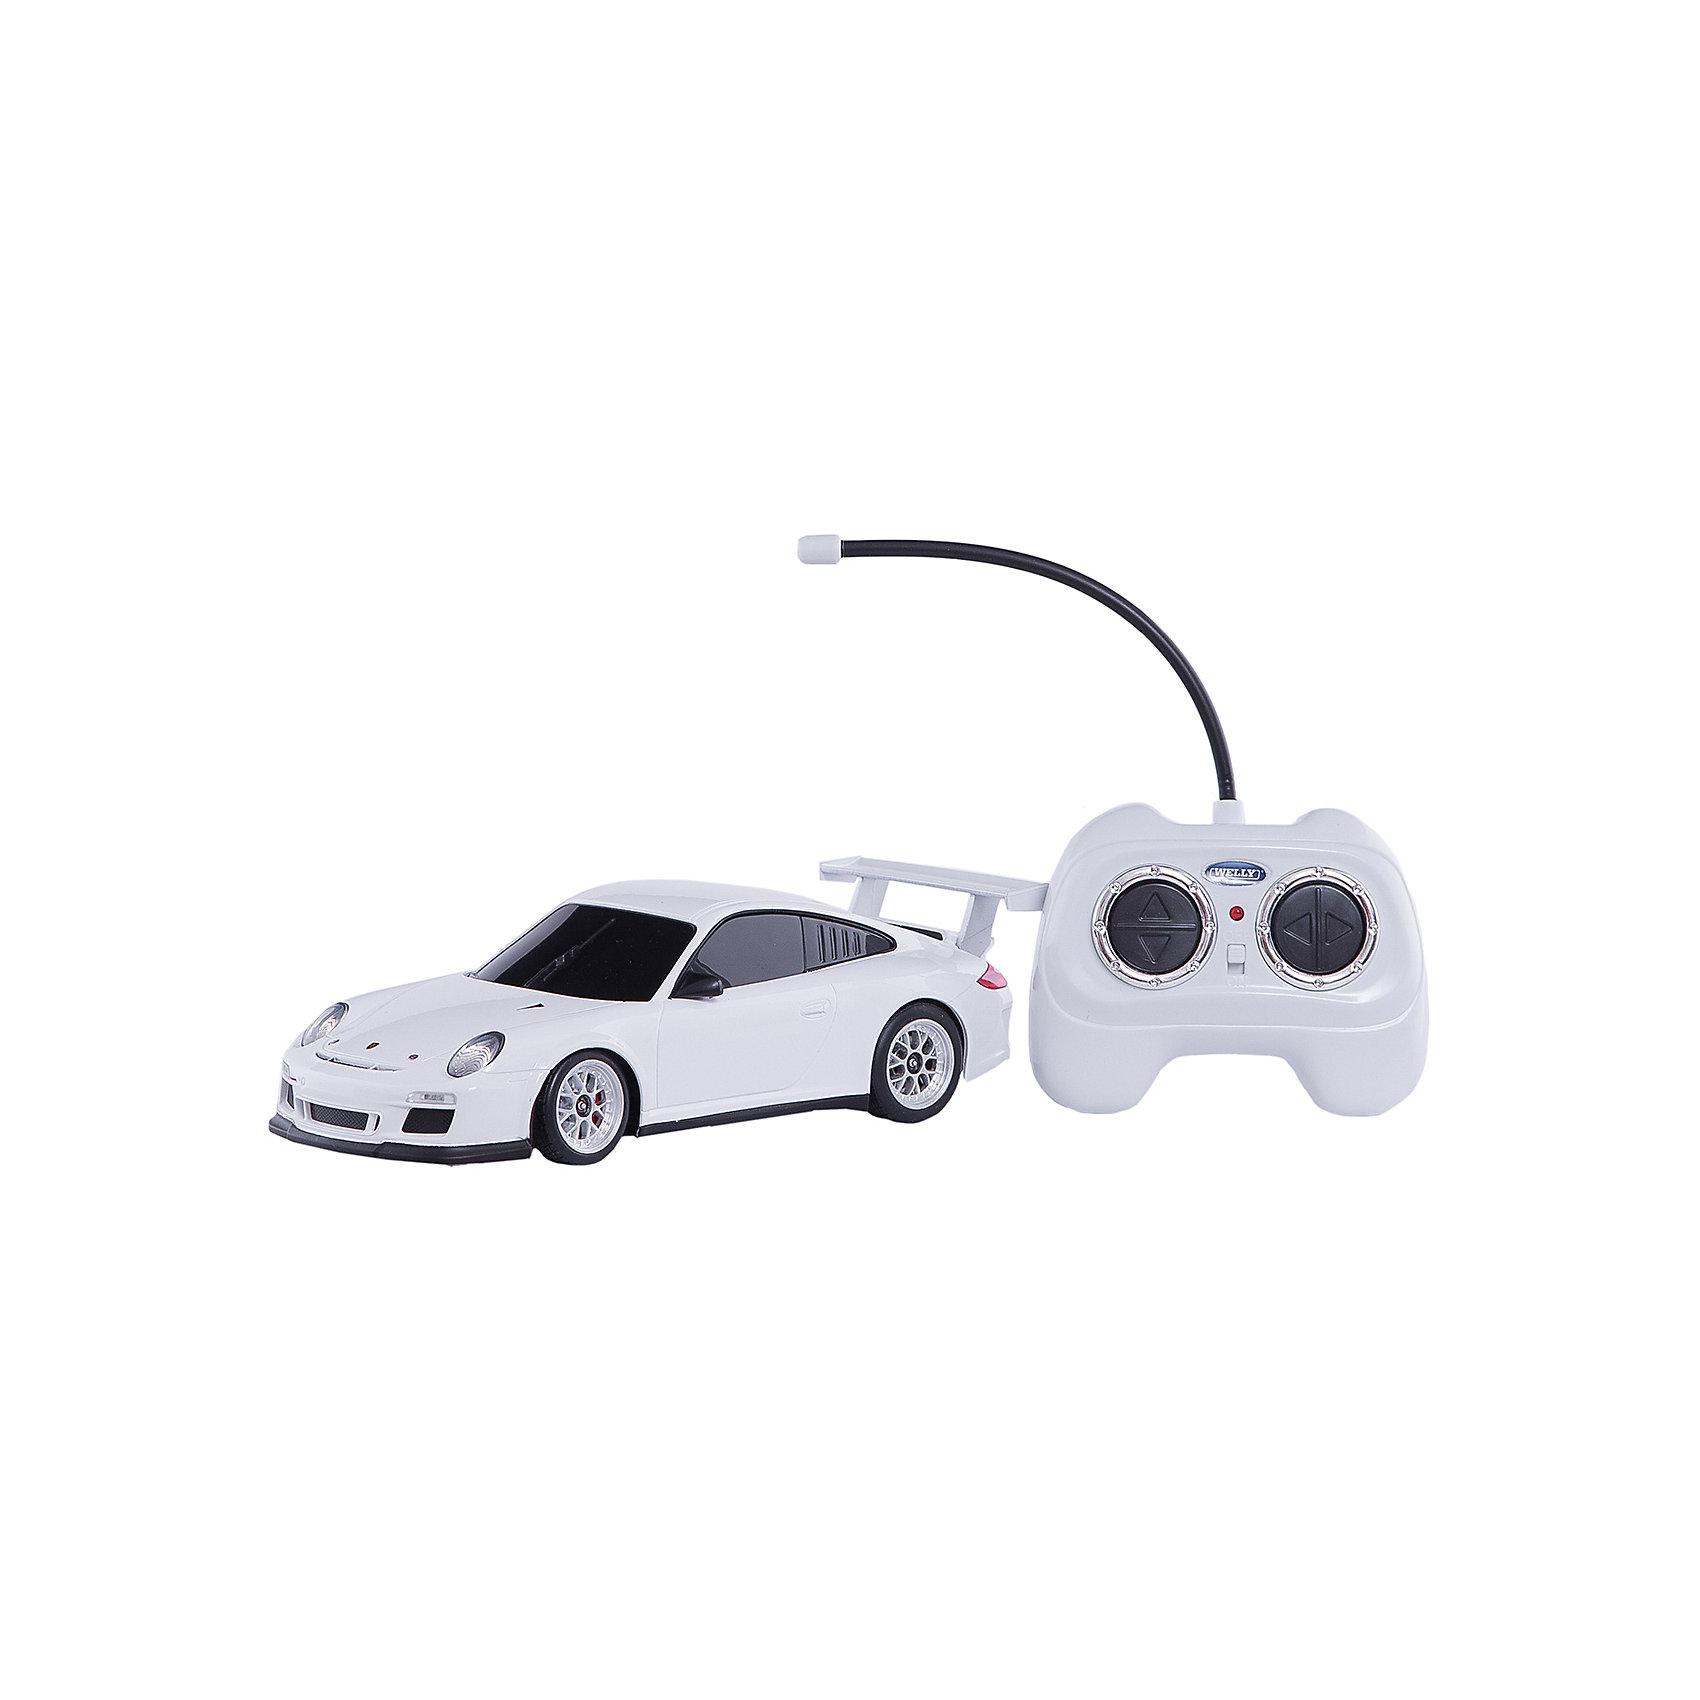 Модель машины 1:24 Porsche 911 GT3 Cup, р/у, WellyКоллекционные модели<br>Модель машины 1:24 Porsche 911 GT3 Cup, р/у, Welly (Велли) — уменьшенная копия настоящего автомобиля Porsche 911 GT3 Cup. Машинка выполнена с высокой степенью детализации и управляется с помощью пульта.  Модель может двигаться в четырех направлениях (вперед, назад, влево, вправо).<br>Игра с машинками отлично развивает воображение и мелкую моторику.<br>Машинка на радиоуправлении — мечта любого мальчишки!<br><br>Дополнительная информация:<br><br>- Размер: 26,5 х 11 х 13 см<br>- Материал: пластик<br>- Радиус действия пульта: 30 м<br>- Батарейки: 5 х ААА, в комплект не входят.<br>- Вес: 500 г.<br><br>Модель машины 1:24 Porsche 911 GT3 Cup, р/у, Welly (Велли) можно купить в нашем интернет-магазине.<br><br>Ширина мм: 265<br>Глубина мм: 110<br>Высота мм: 130<br>Вес г: 500<br>Возраст от месяцев: 60<br>Возраст до месяцев: 192<br>Пол: Мужской<br>Возраст: Детский<br>SKU: 3593300